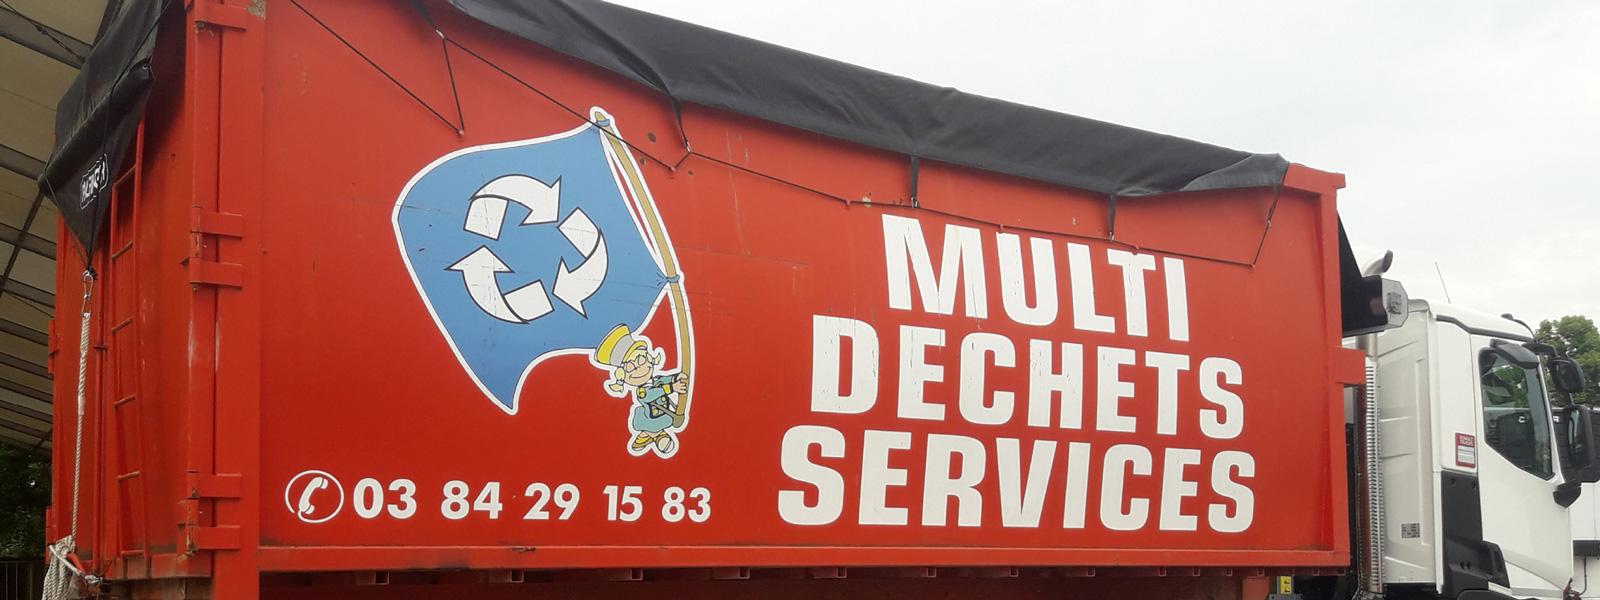 multidechets-services-multi-decheterie-belfort-6